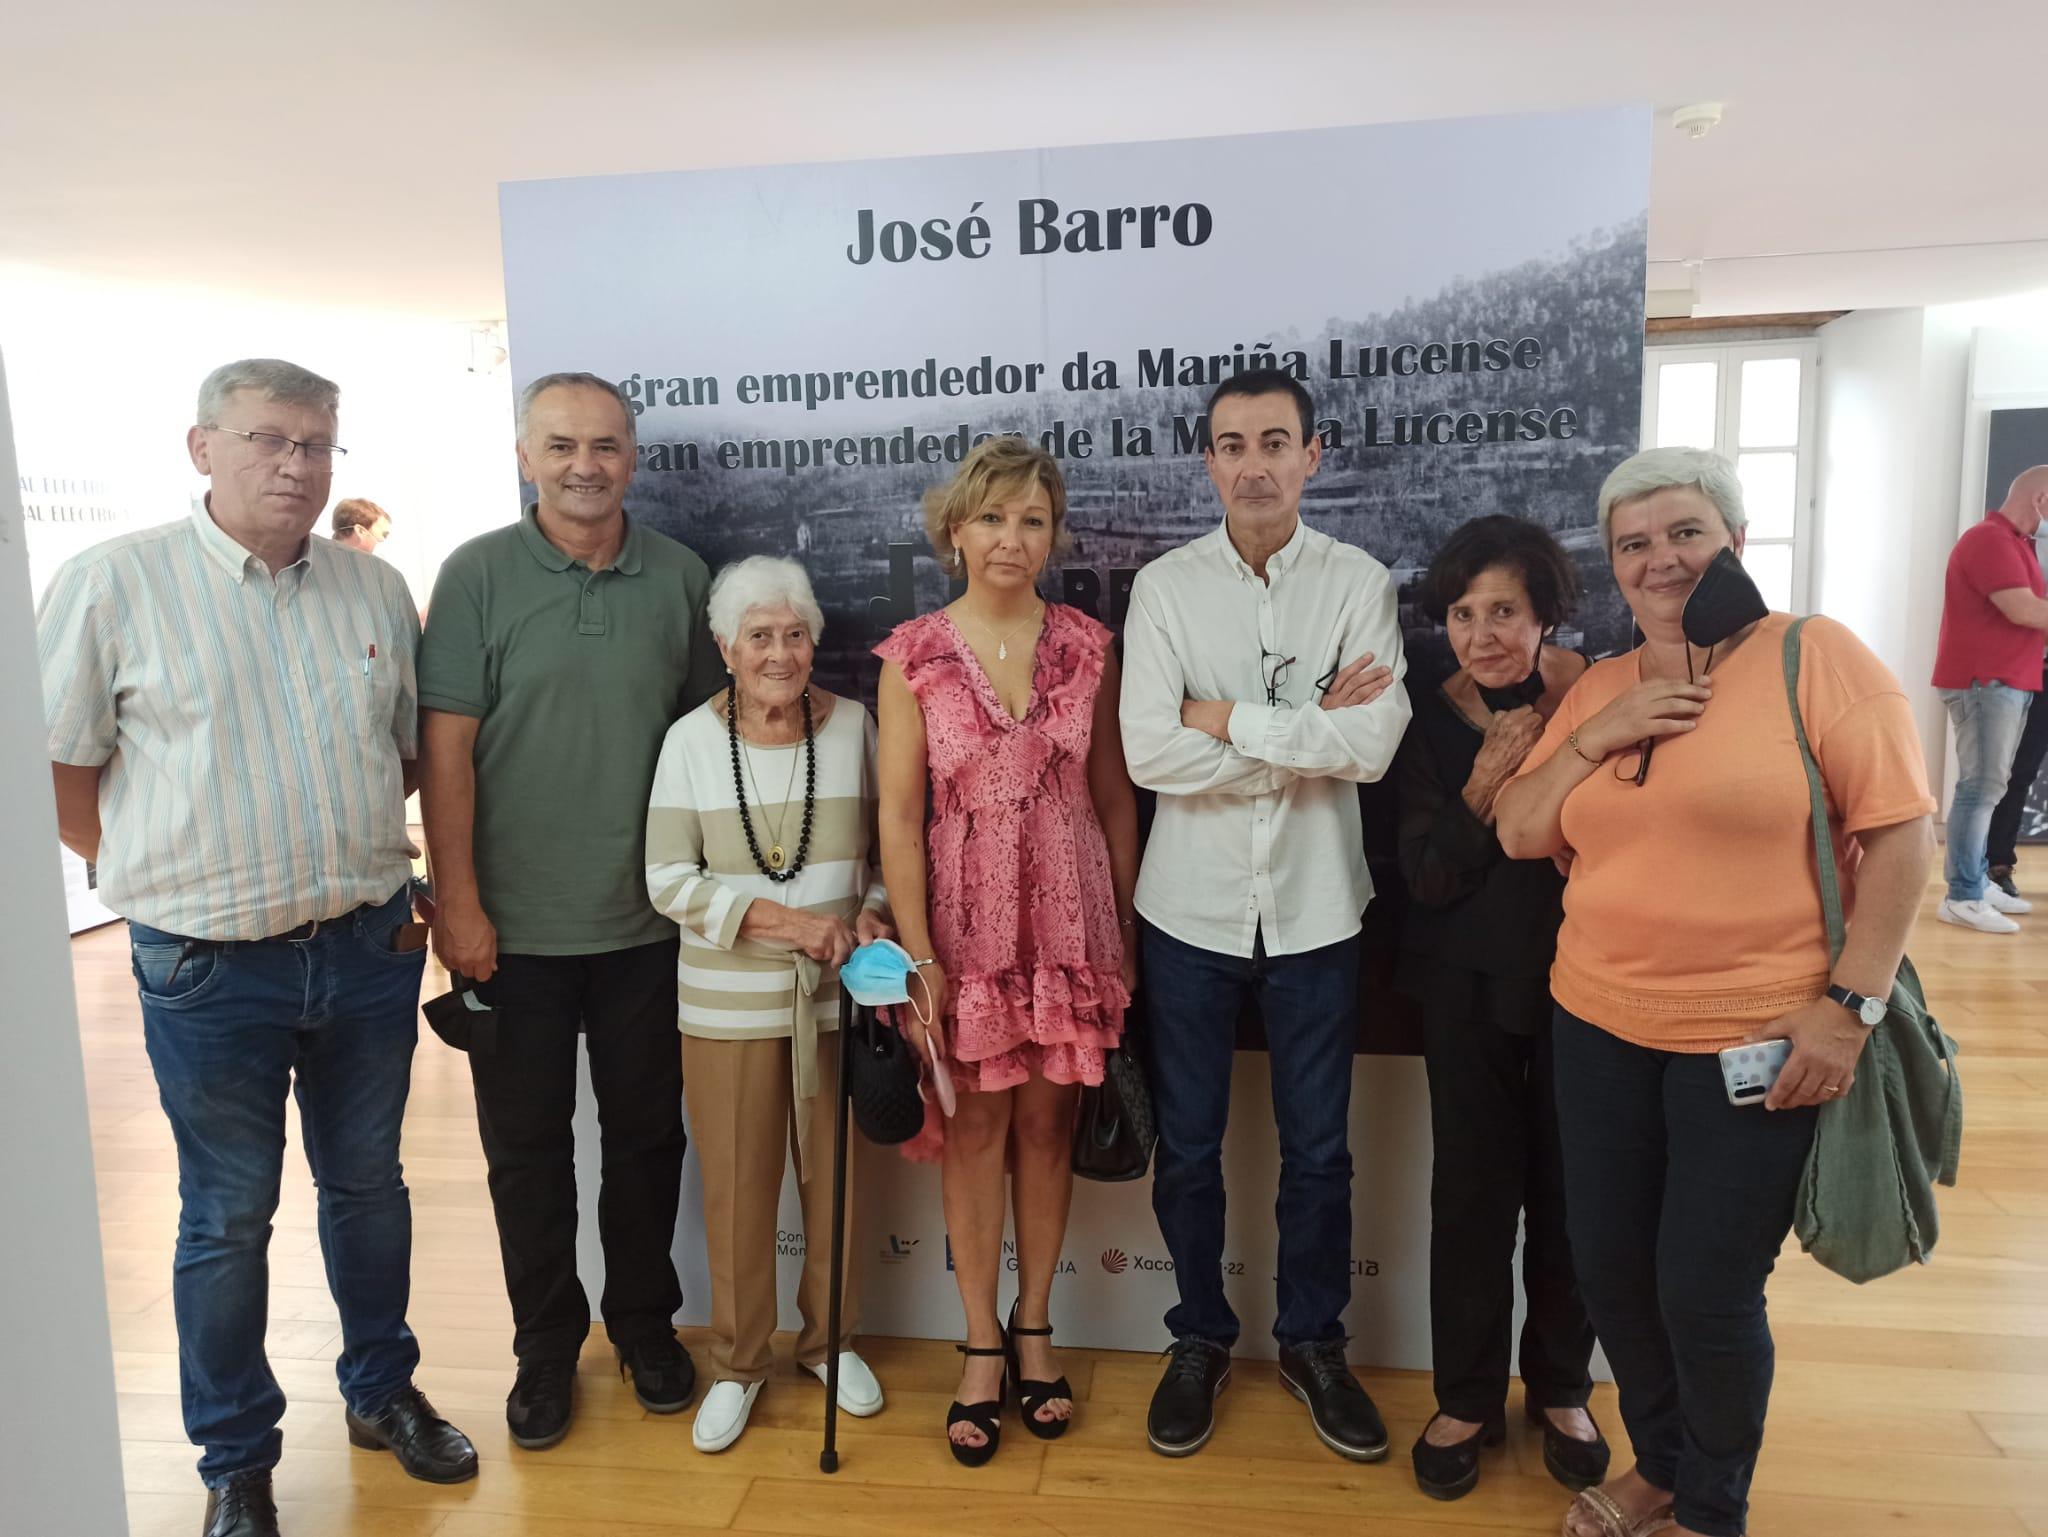 APAGA quere converter o centro de interpretación de José Barro nun museo vivo e activo